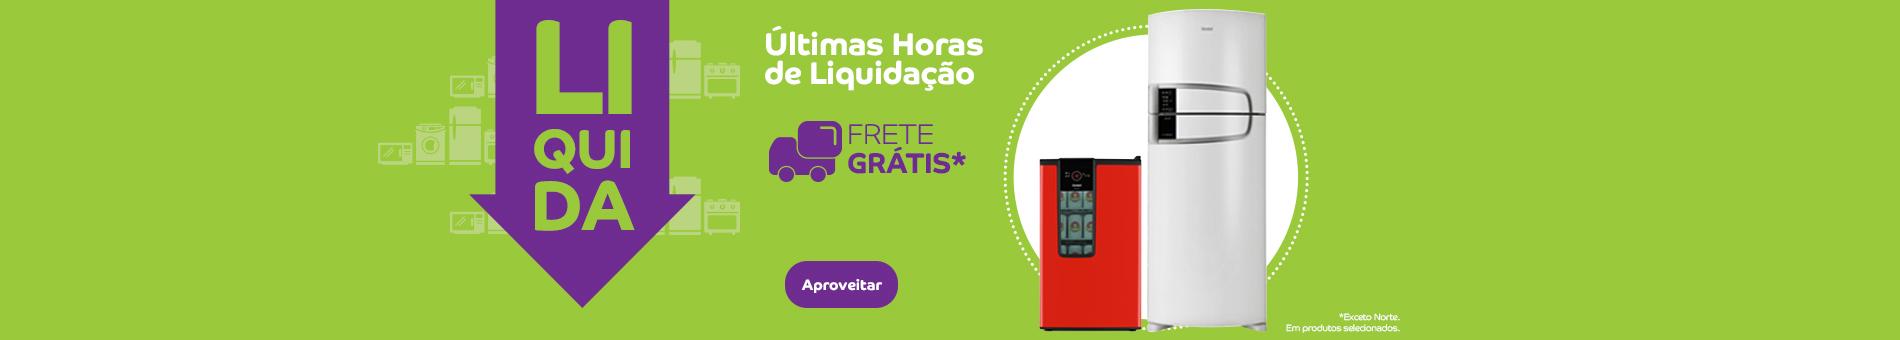 Promoção Interna - 722 - liquidaconsul_generico_home1_22082016 - generico - 1